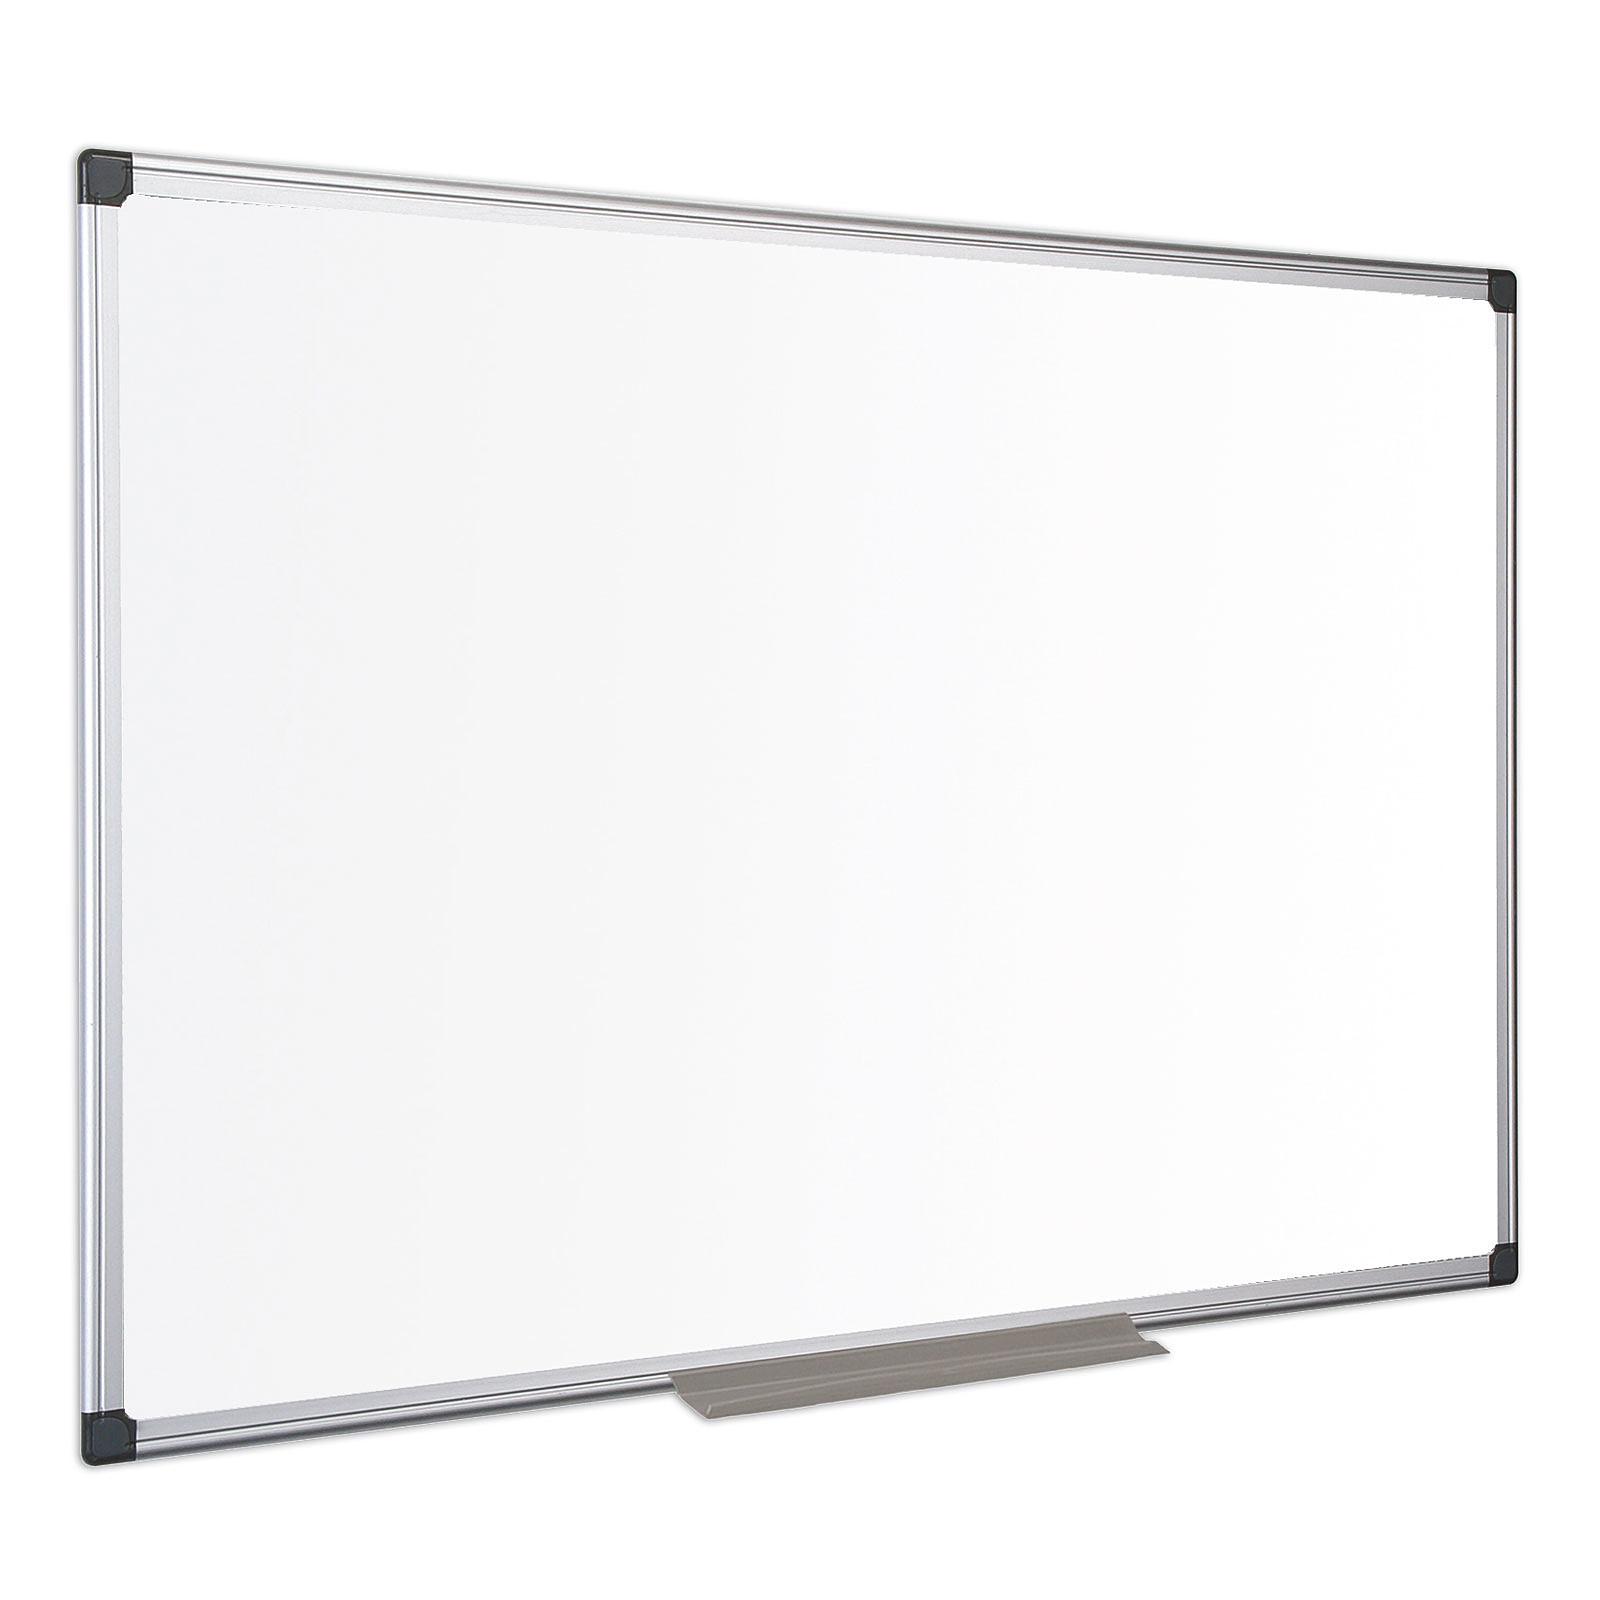 bi-office tableau blanc laqué 90 x 60 cm - tableau blanc et